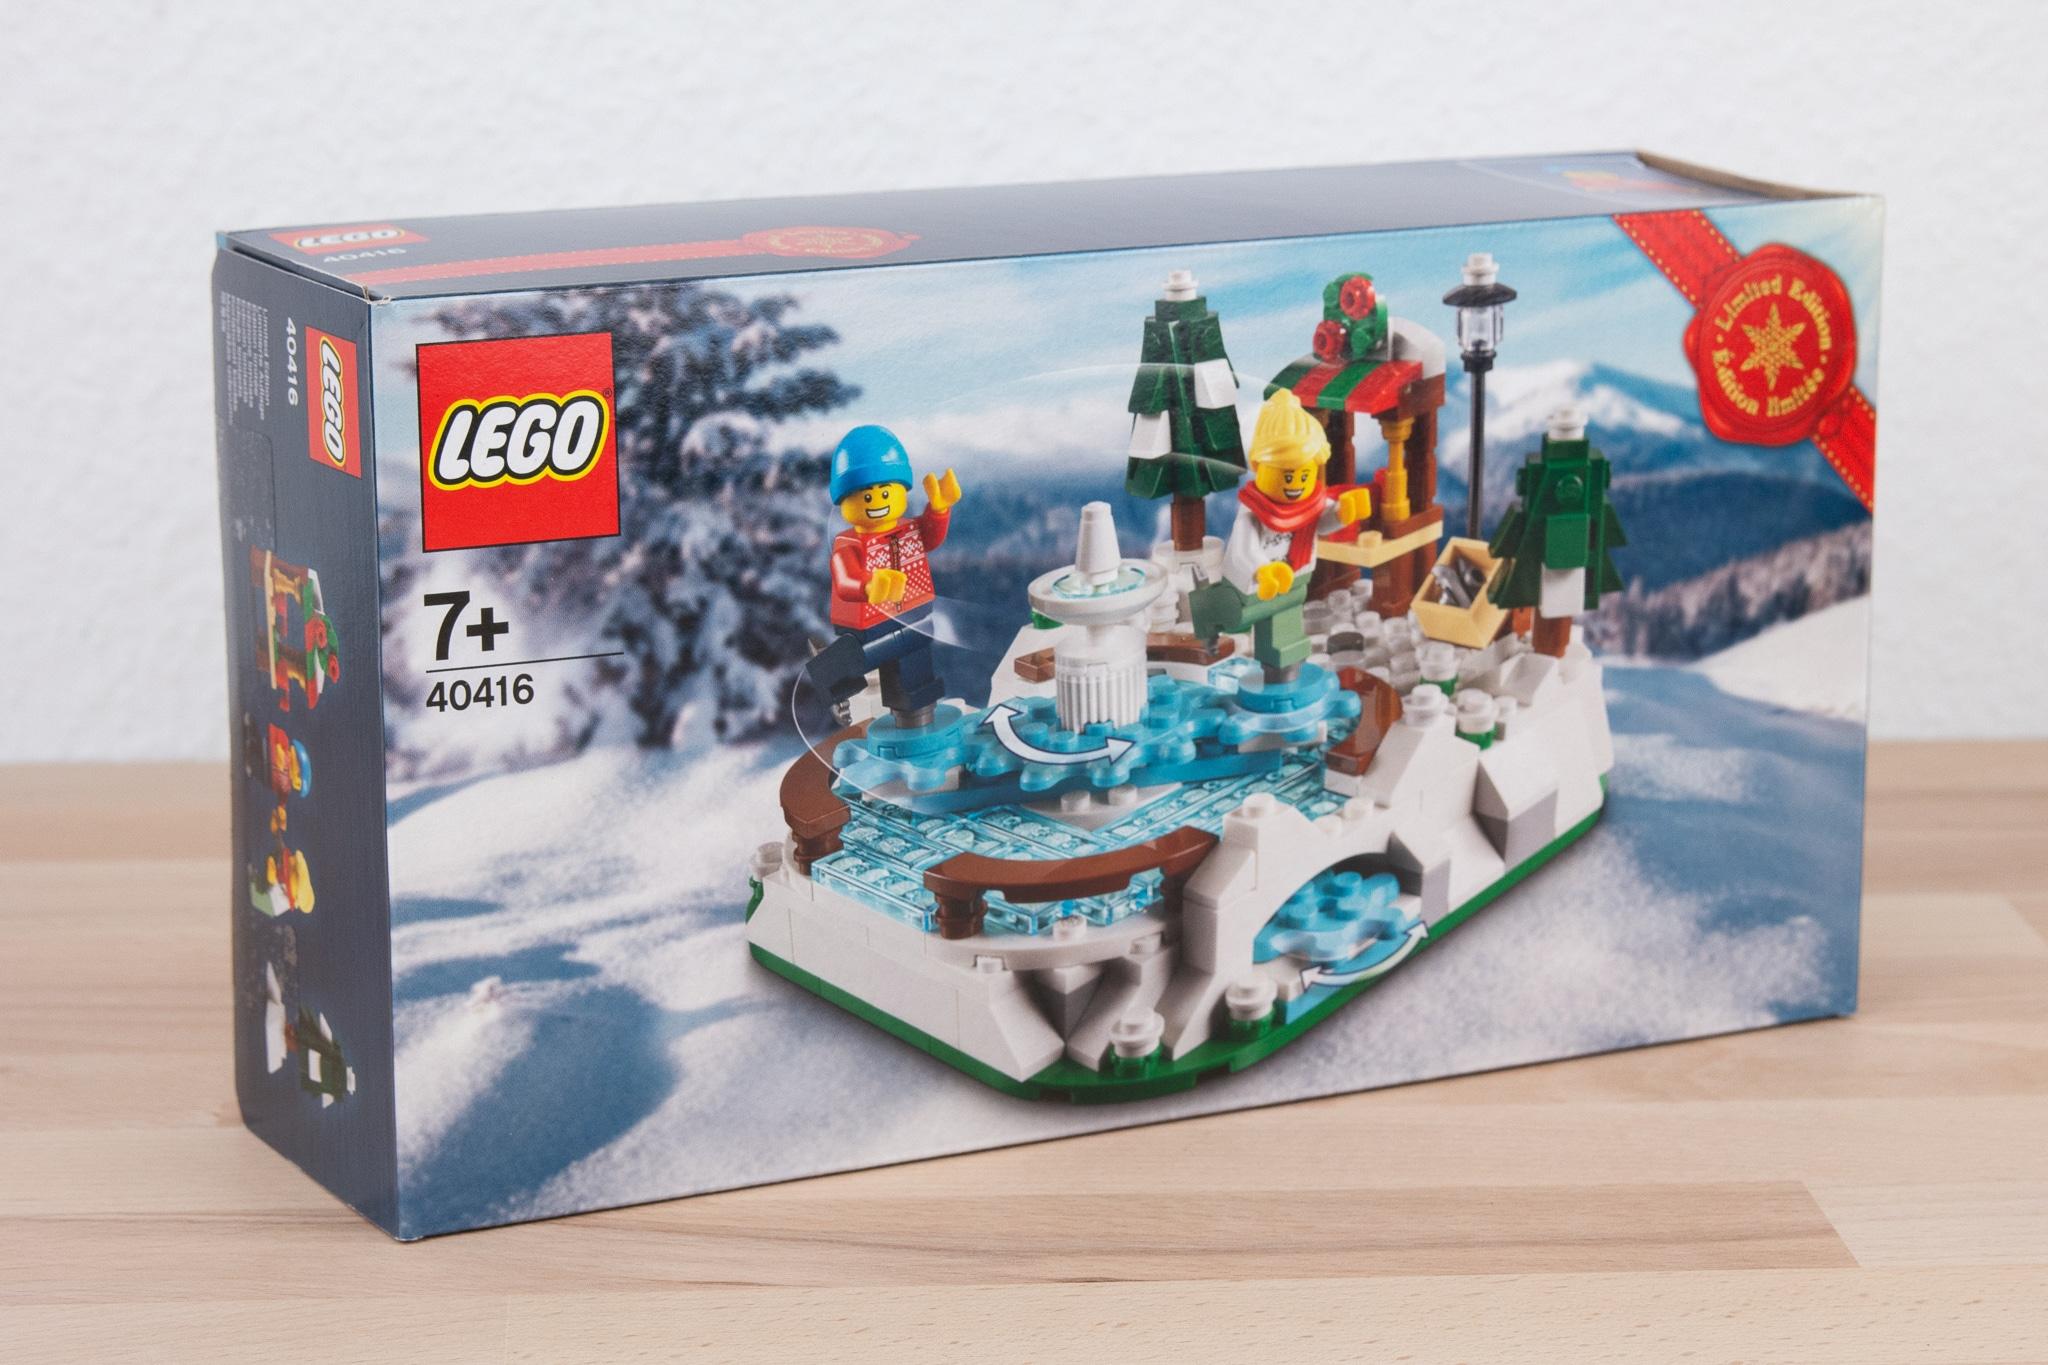 LEGO 40416 Eislaufplatz Stonewars Review (2)